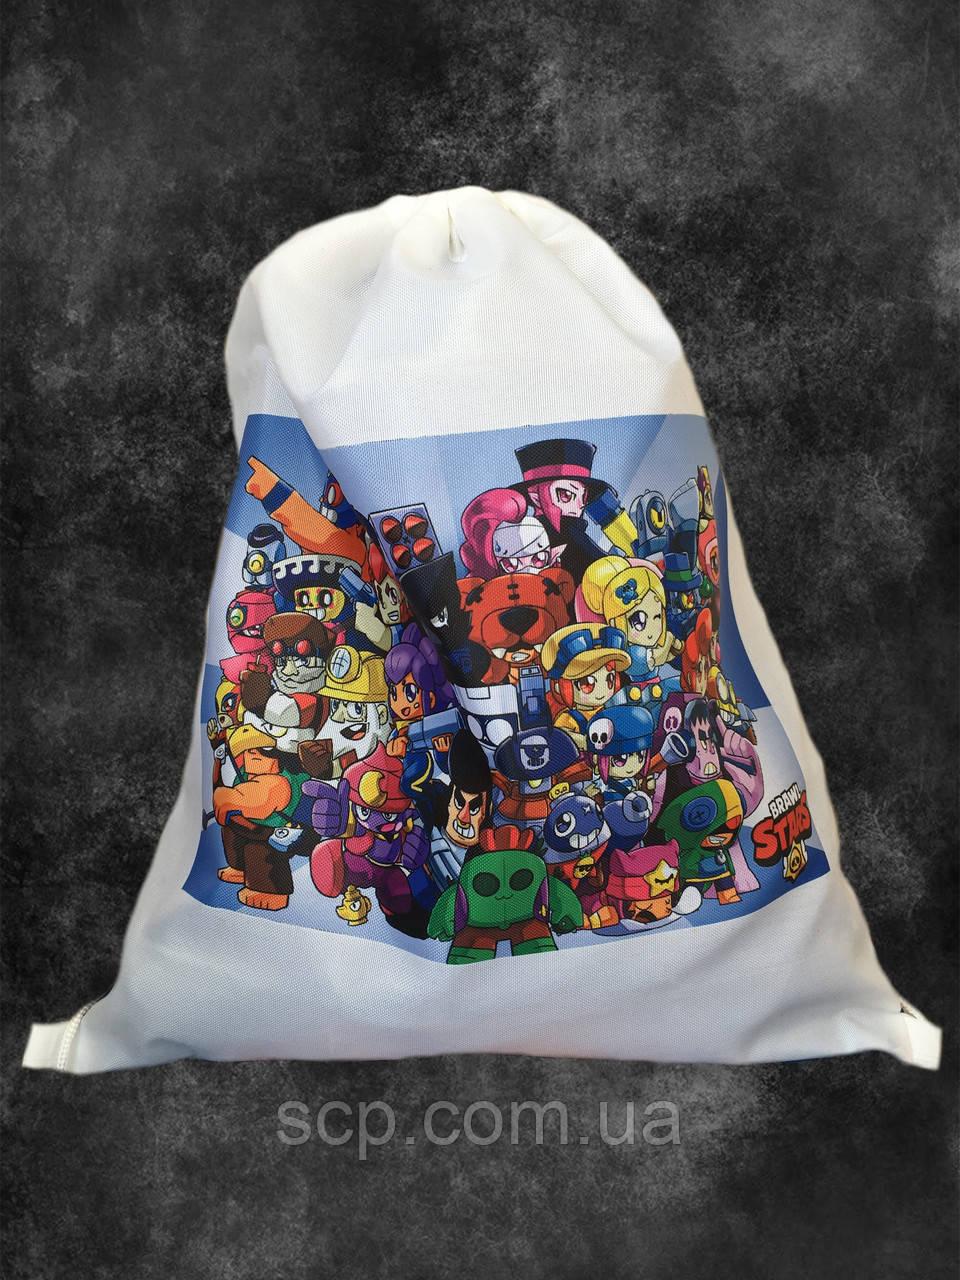 Мішок-рюкзак з принтом